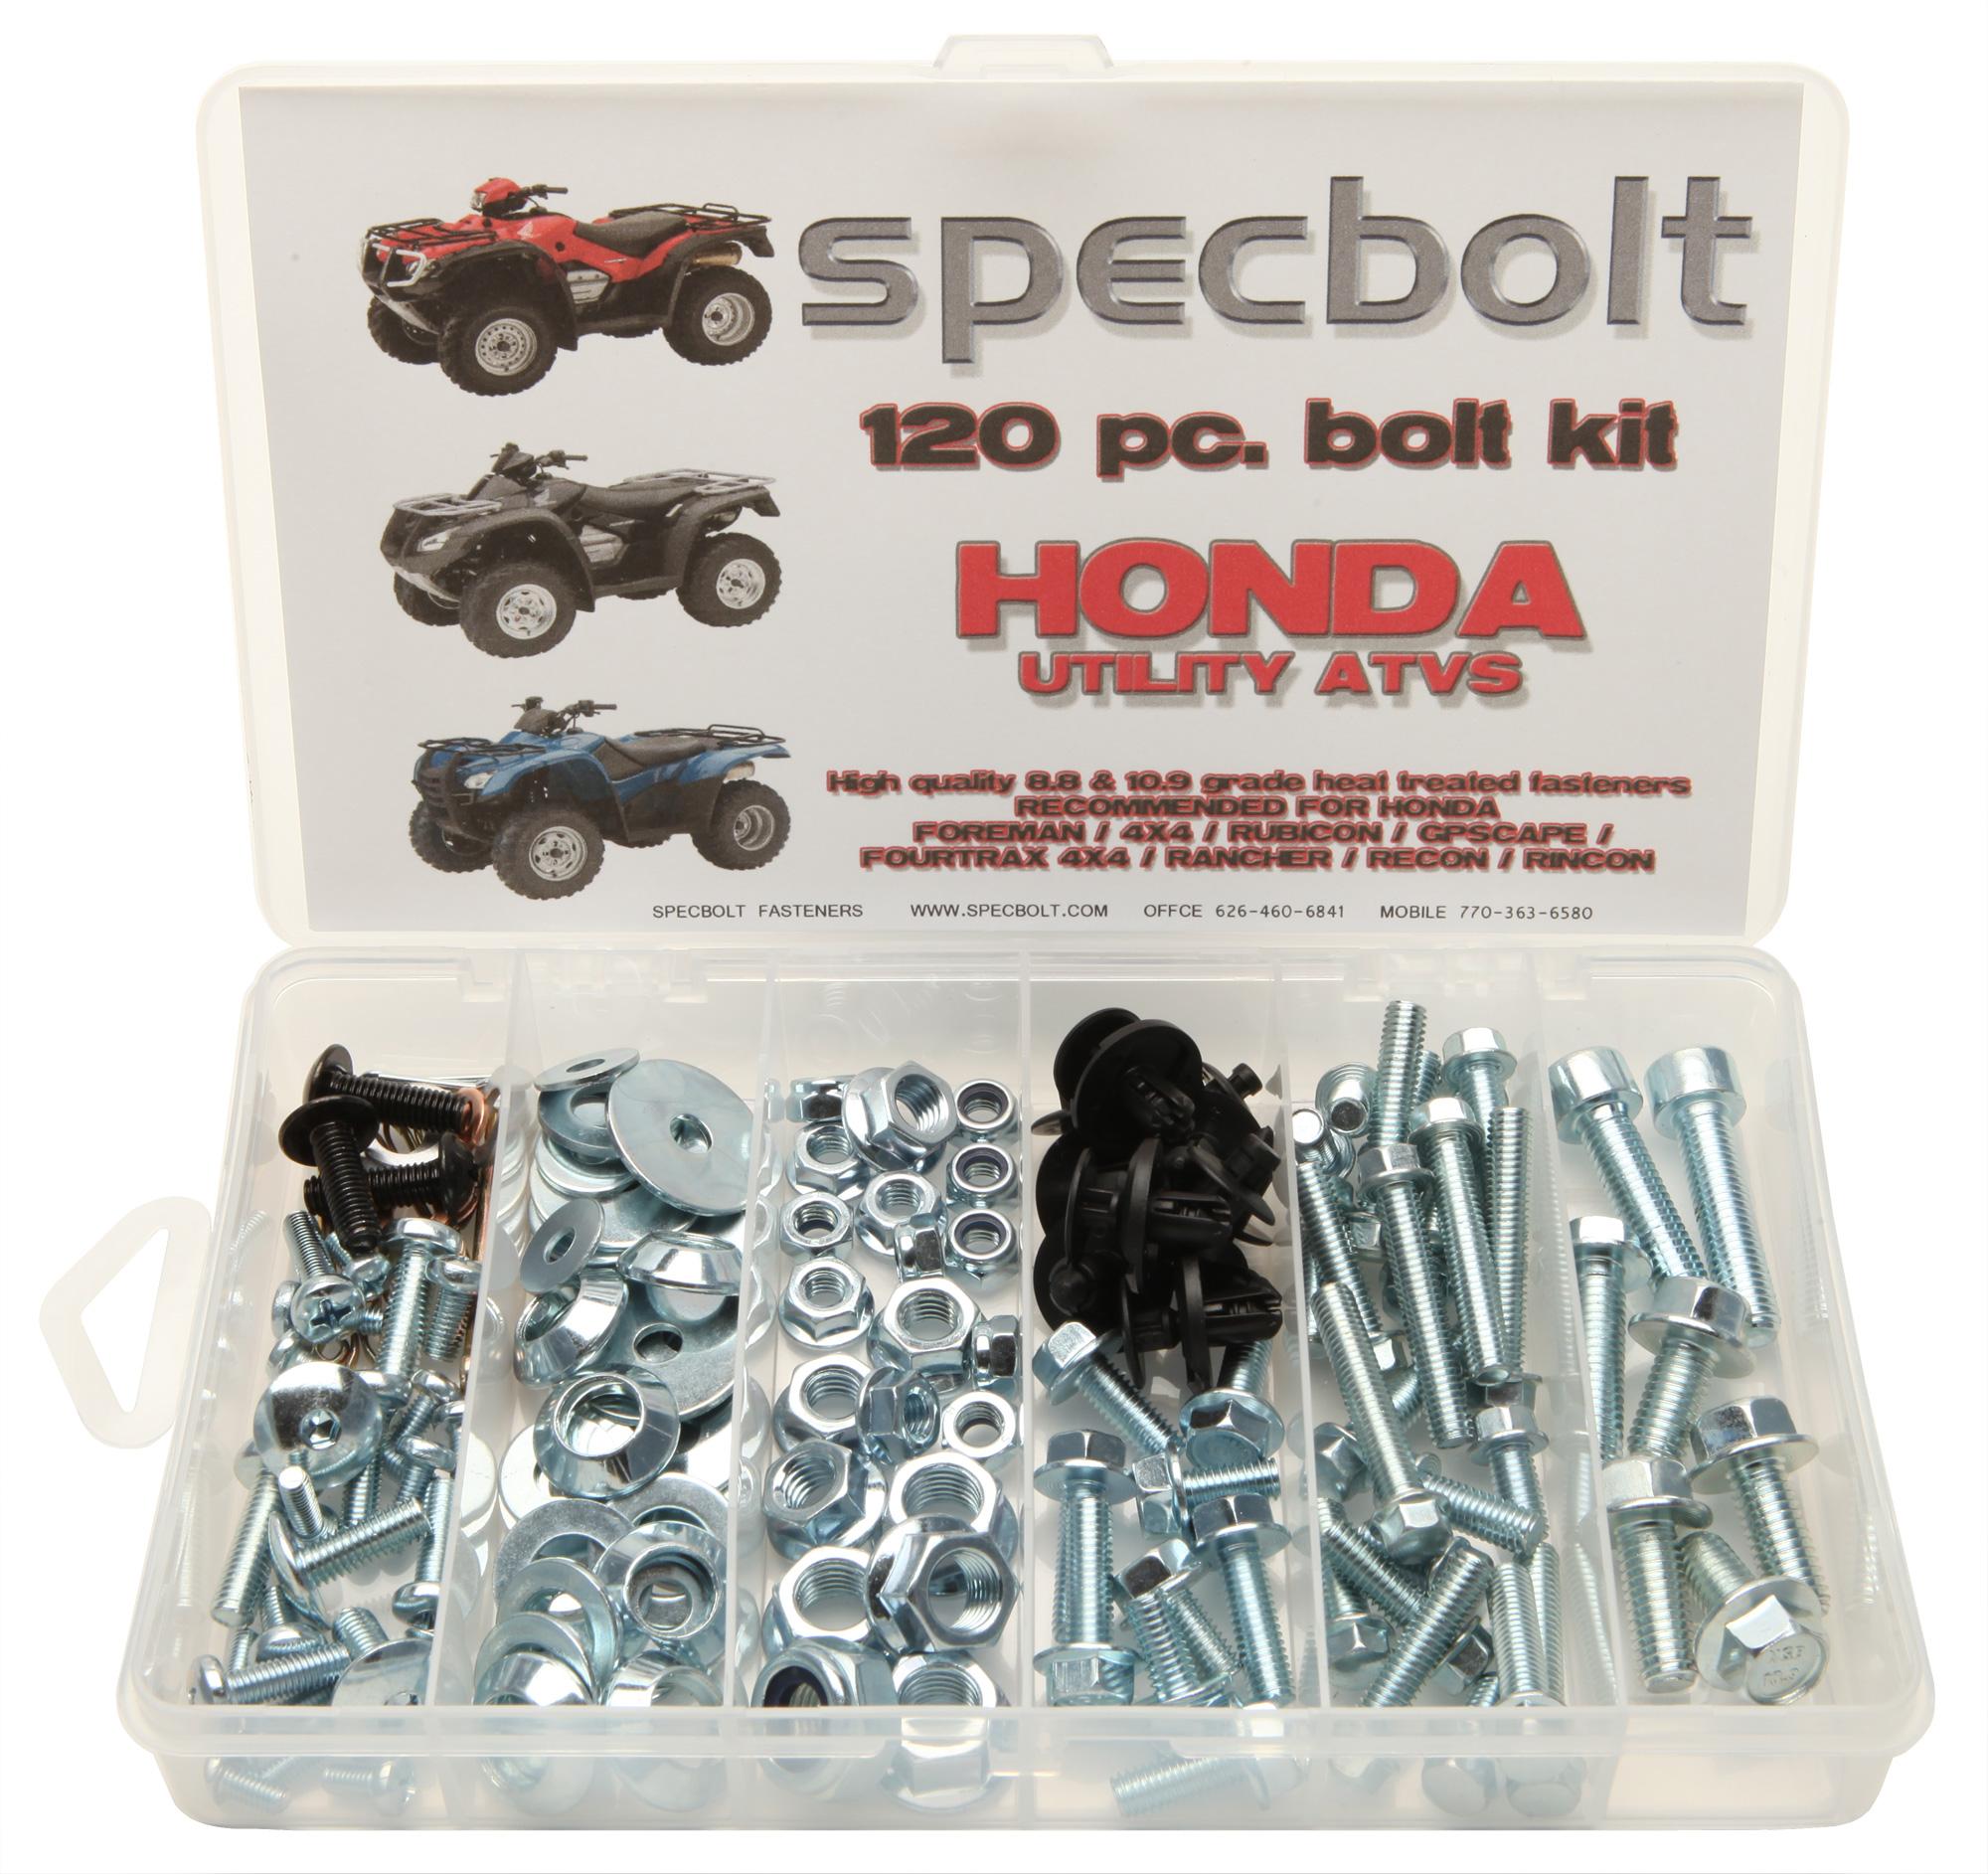 Honda Specbolt 1988 Trx 350 Foreman 120pc 4x4 Rubicon Gp Scape Rancher Rincon Fourtrax